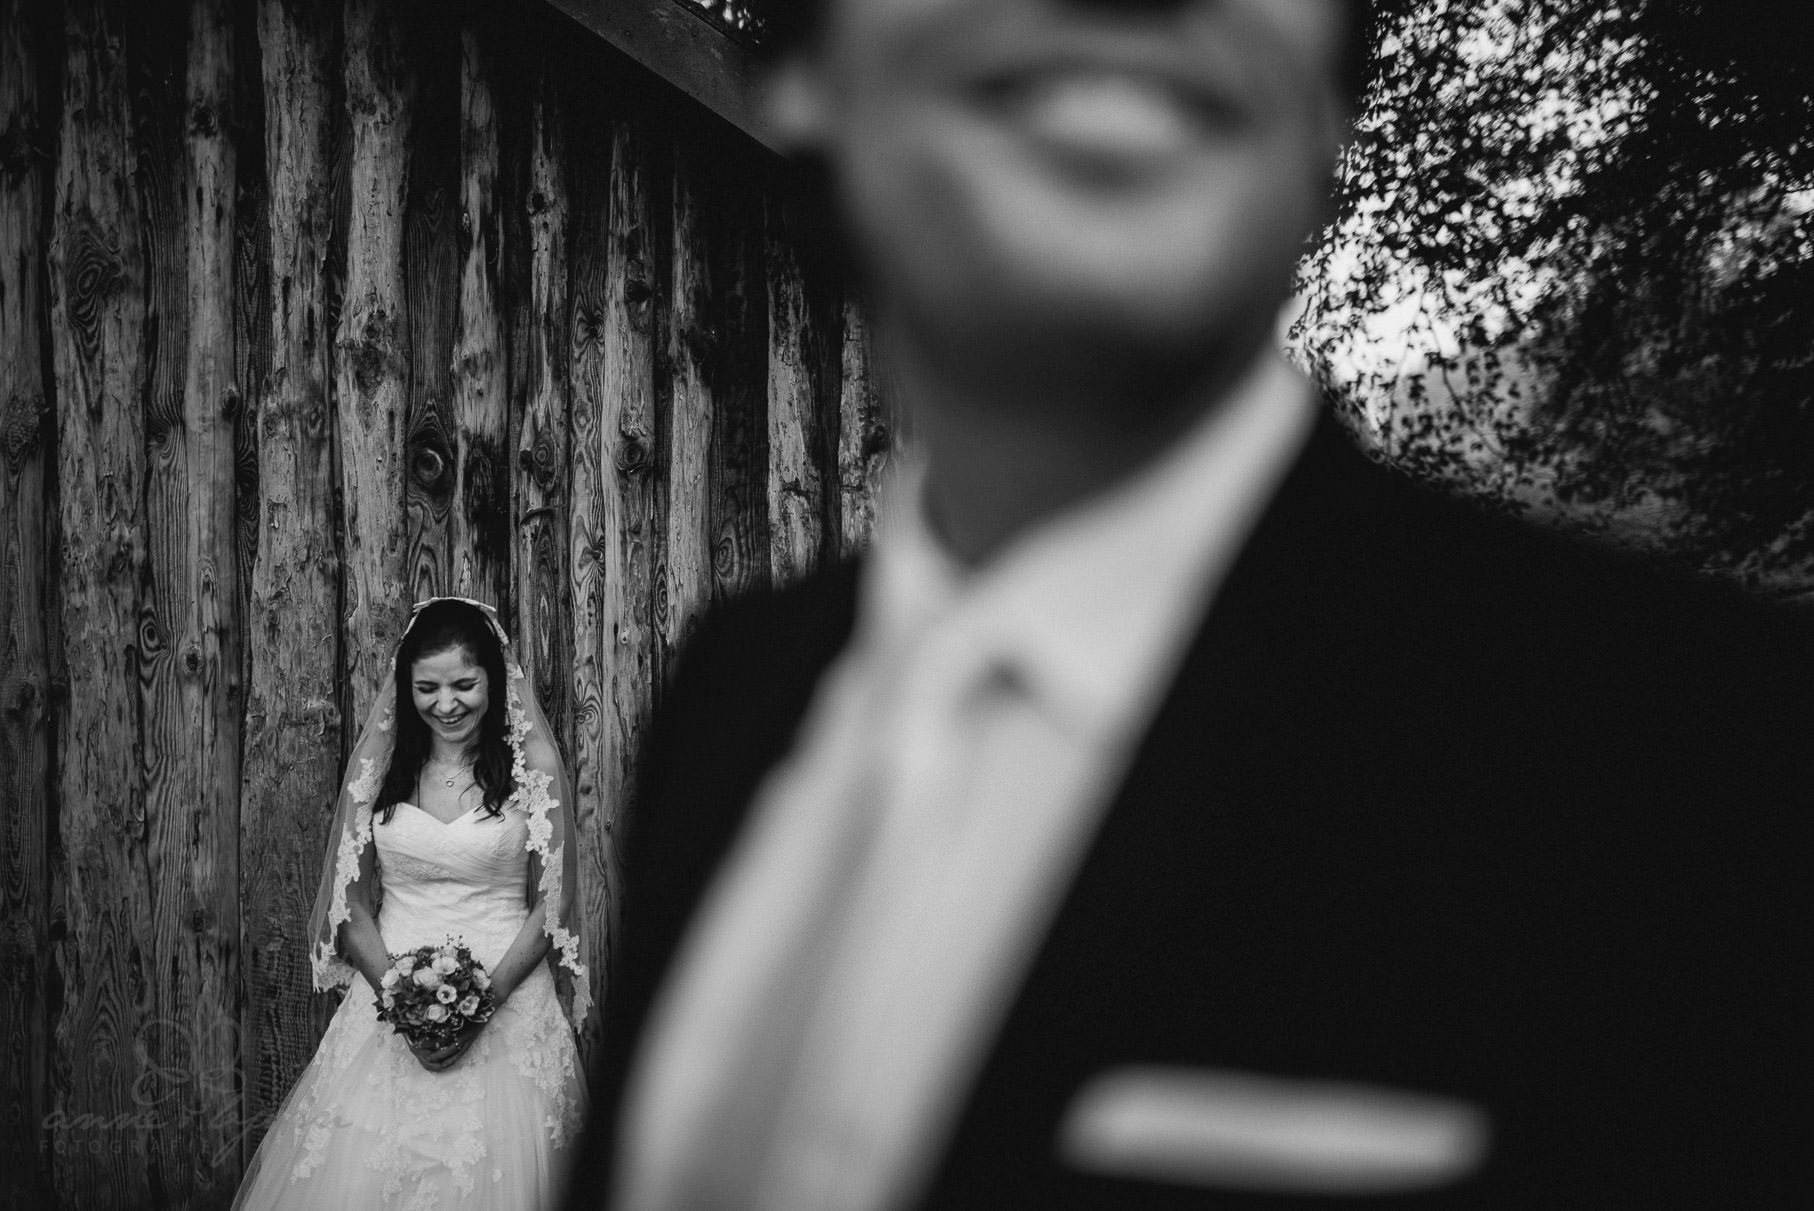 0110 aub 811 5817 - Hochzeit auf Gut Thansen - Anja & Björn